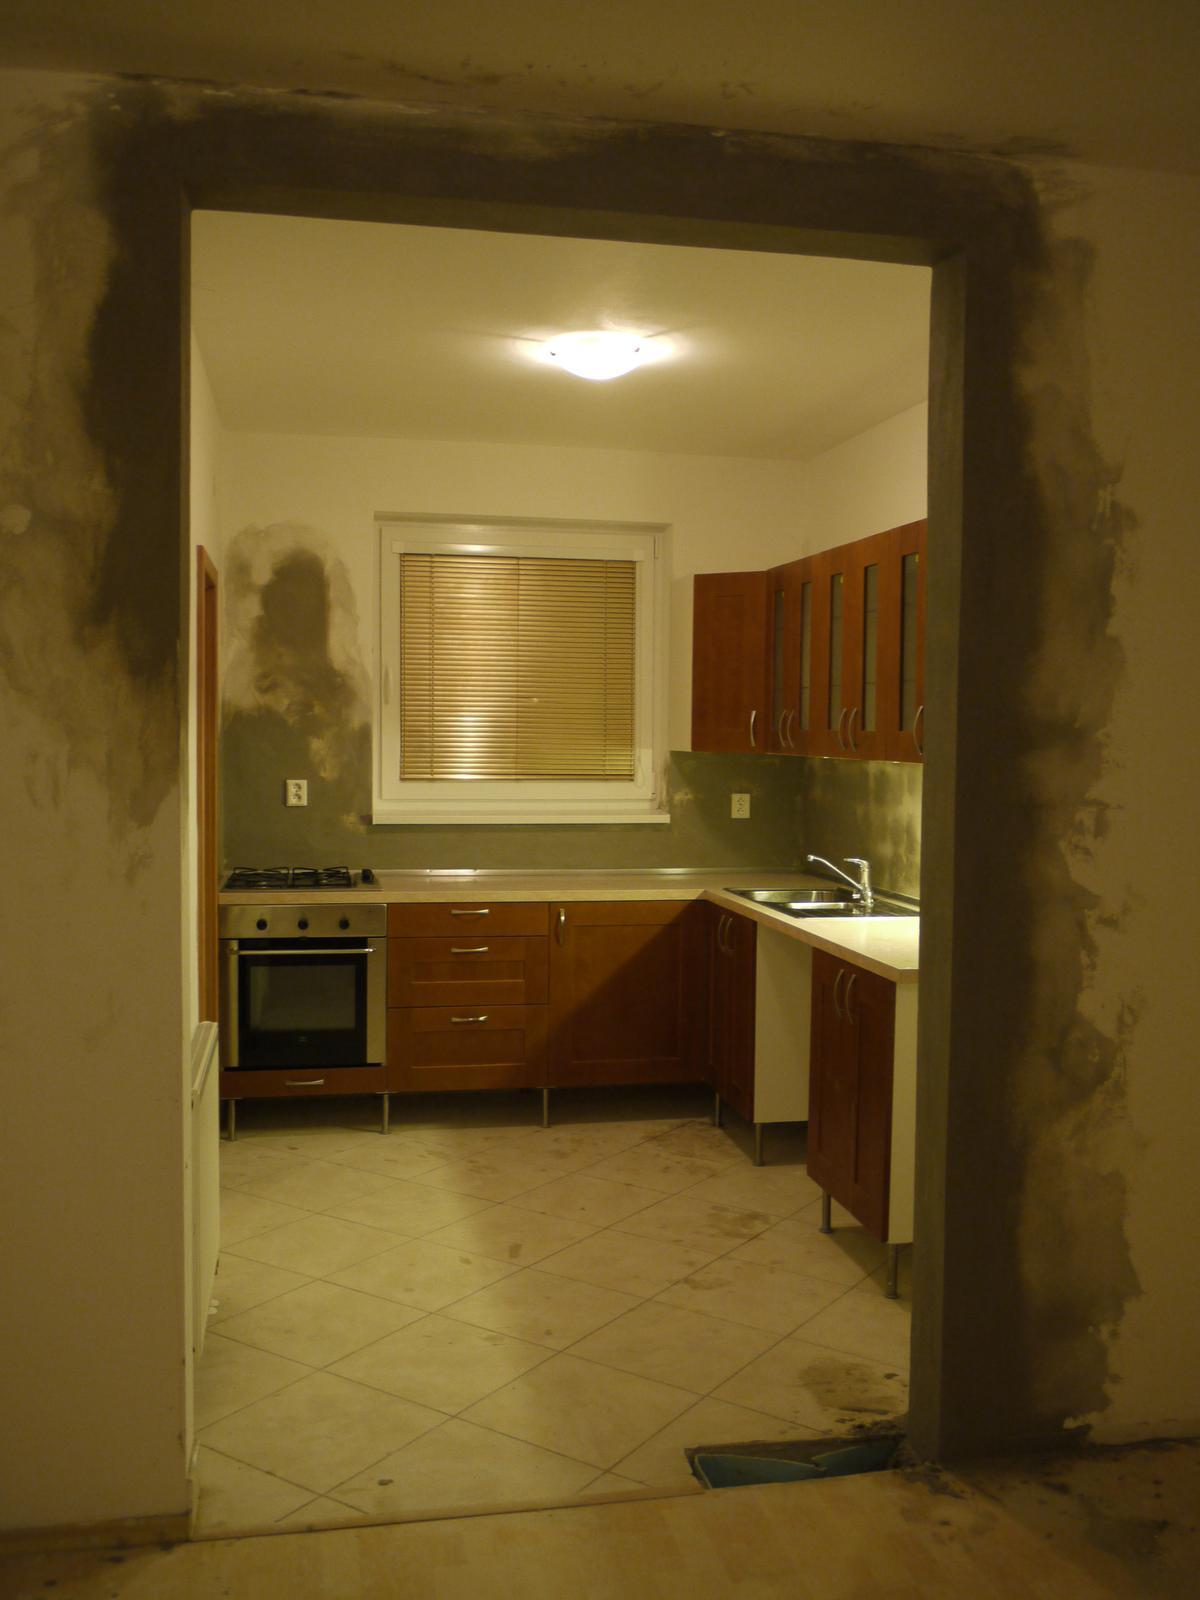 Proměny naší kuchyně - už takhle 100x lepší než původní stav